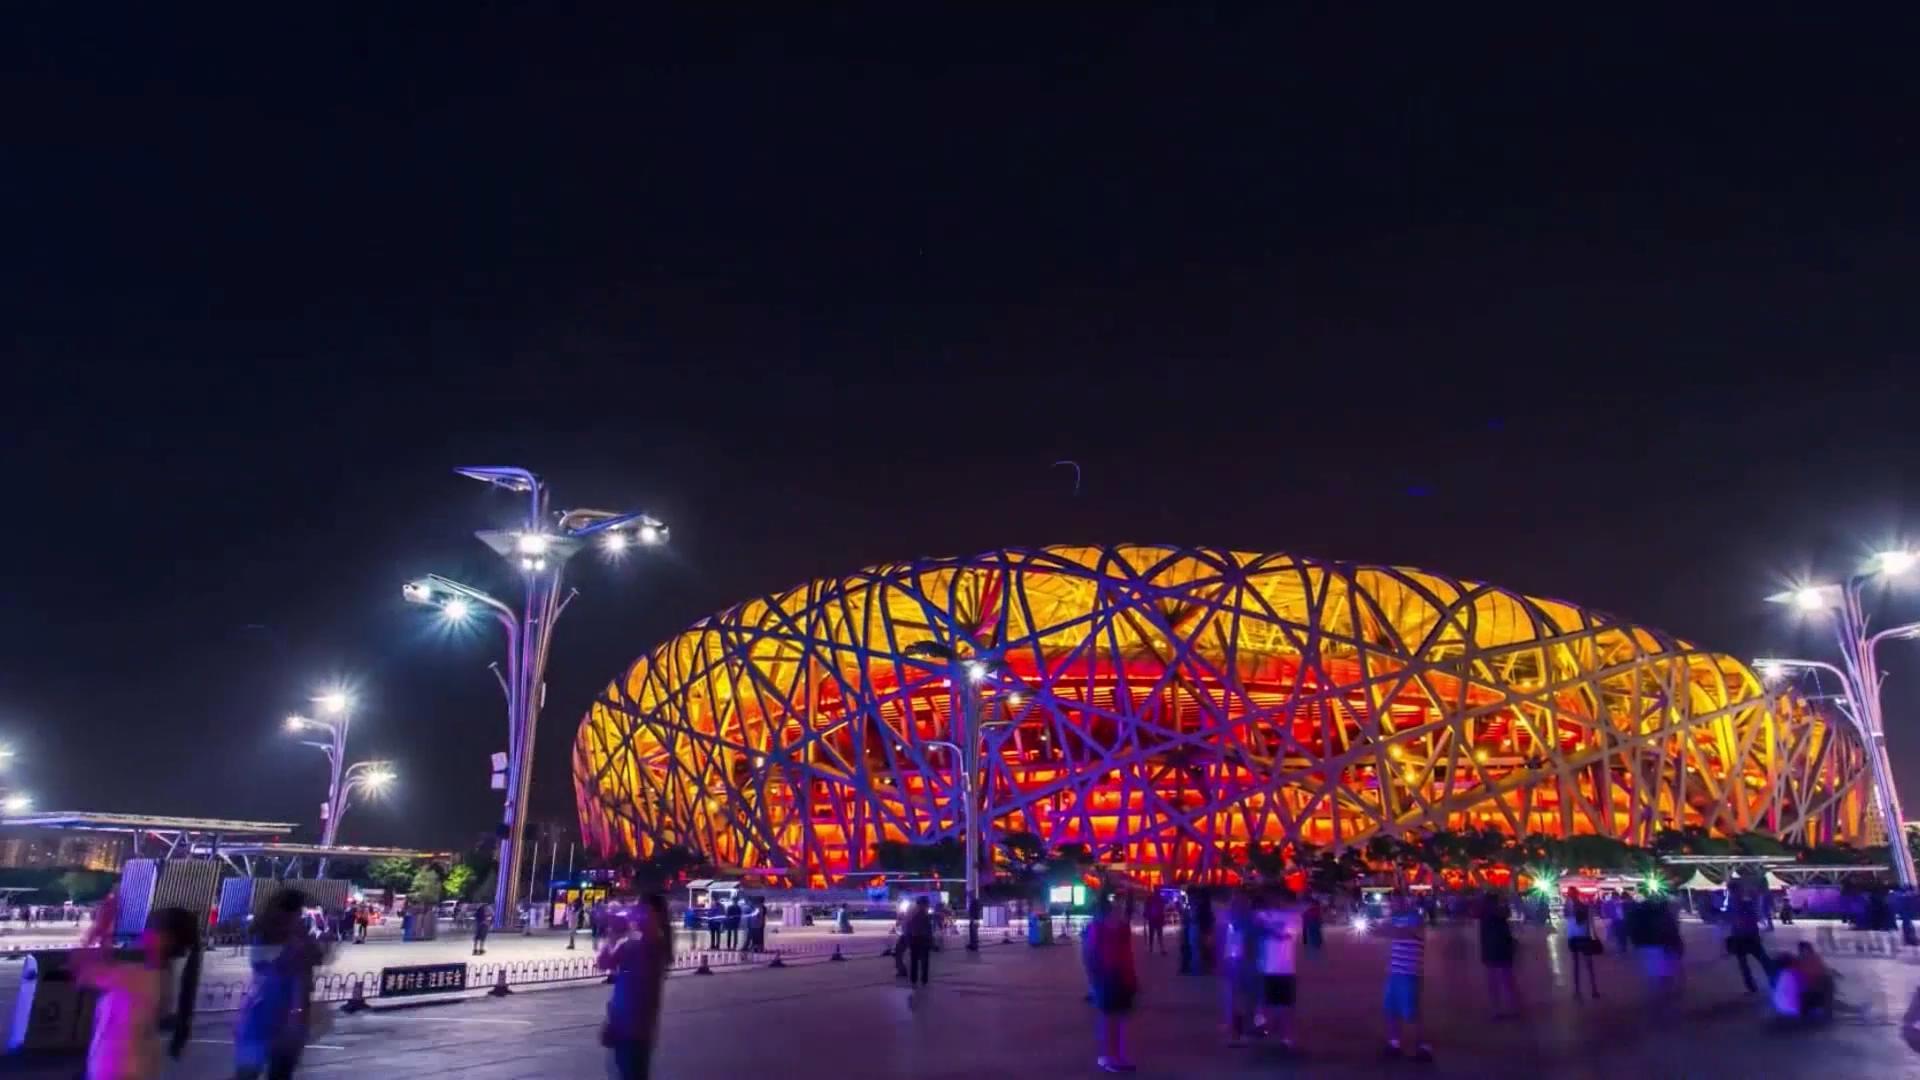 北京延时摄影素材